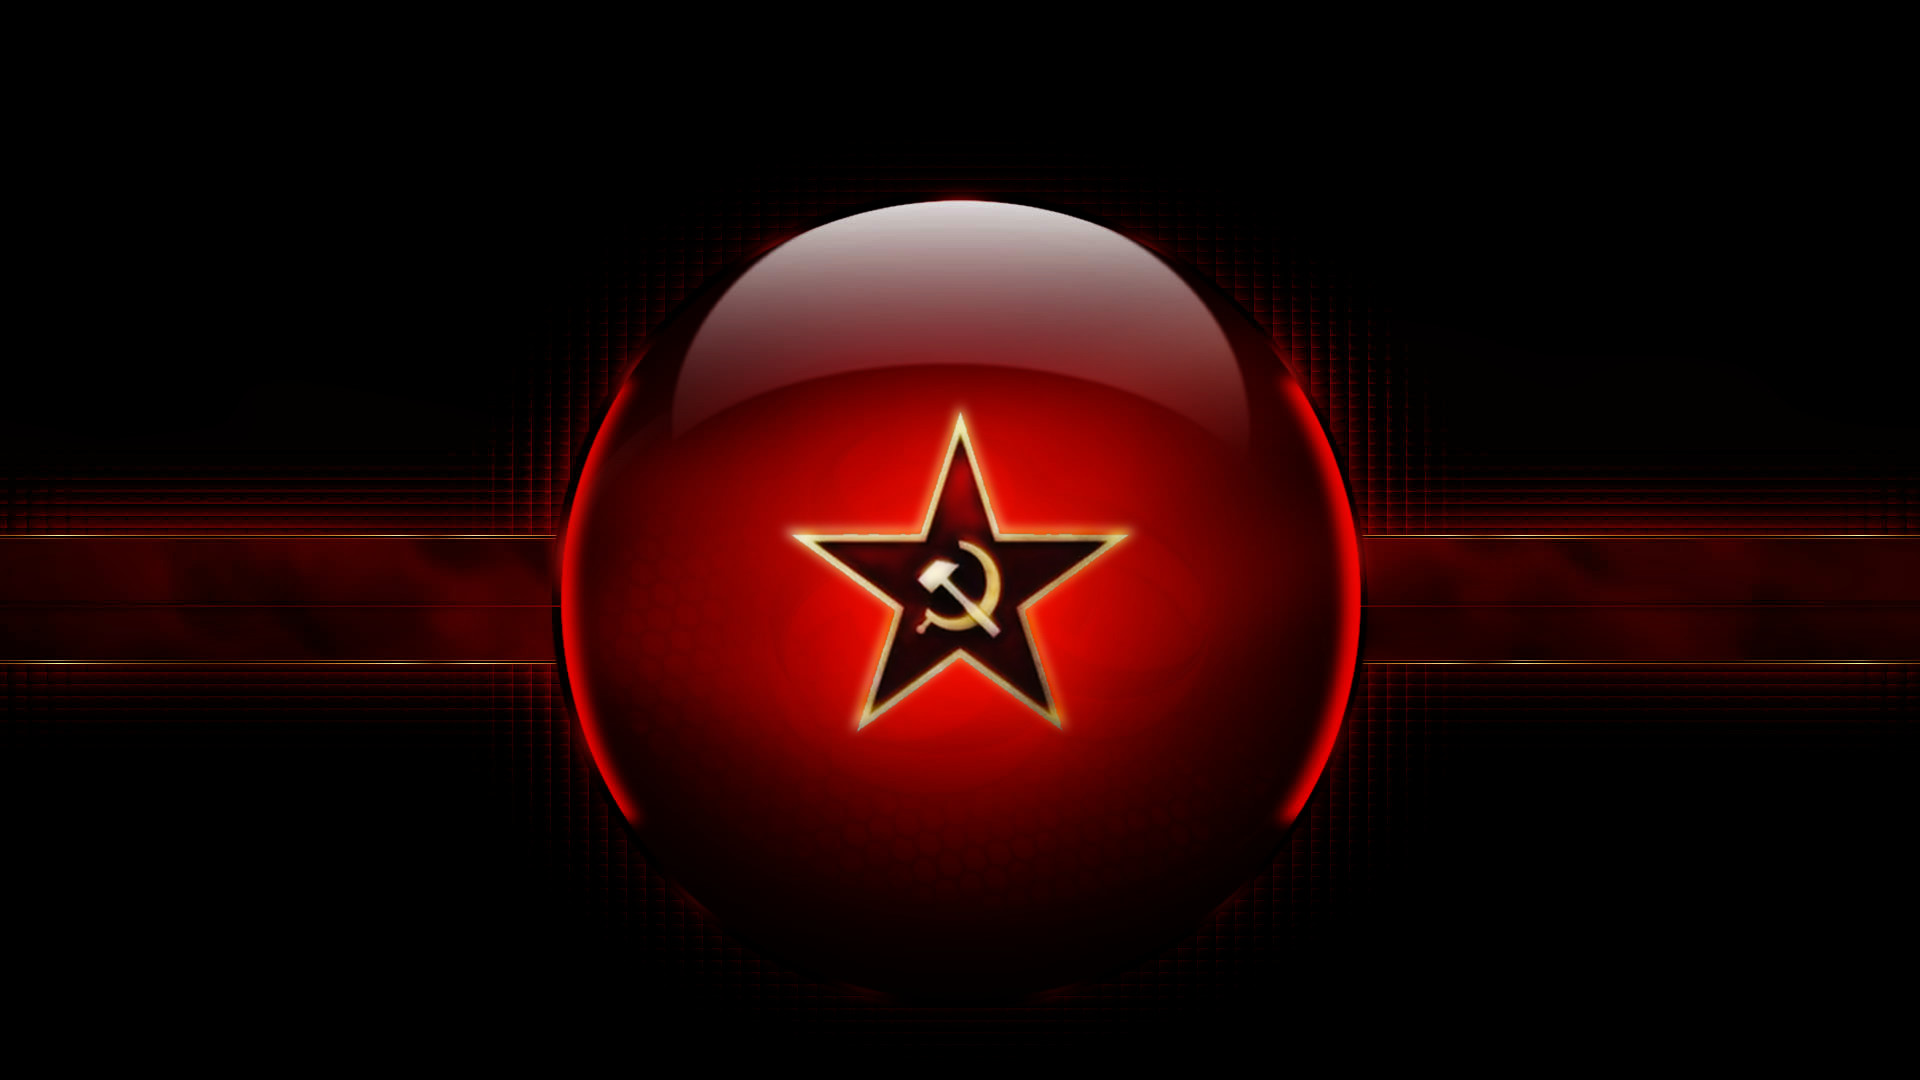 красная звезда крутые картинки было строить